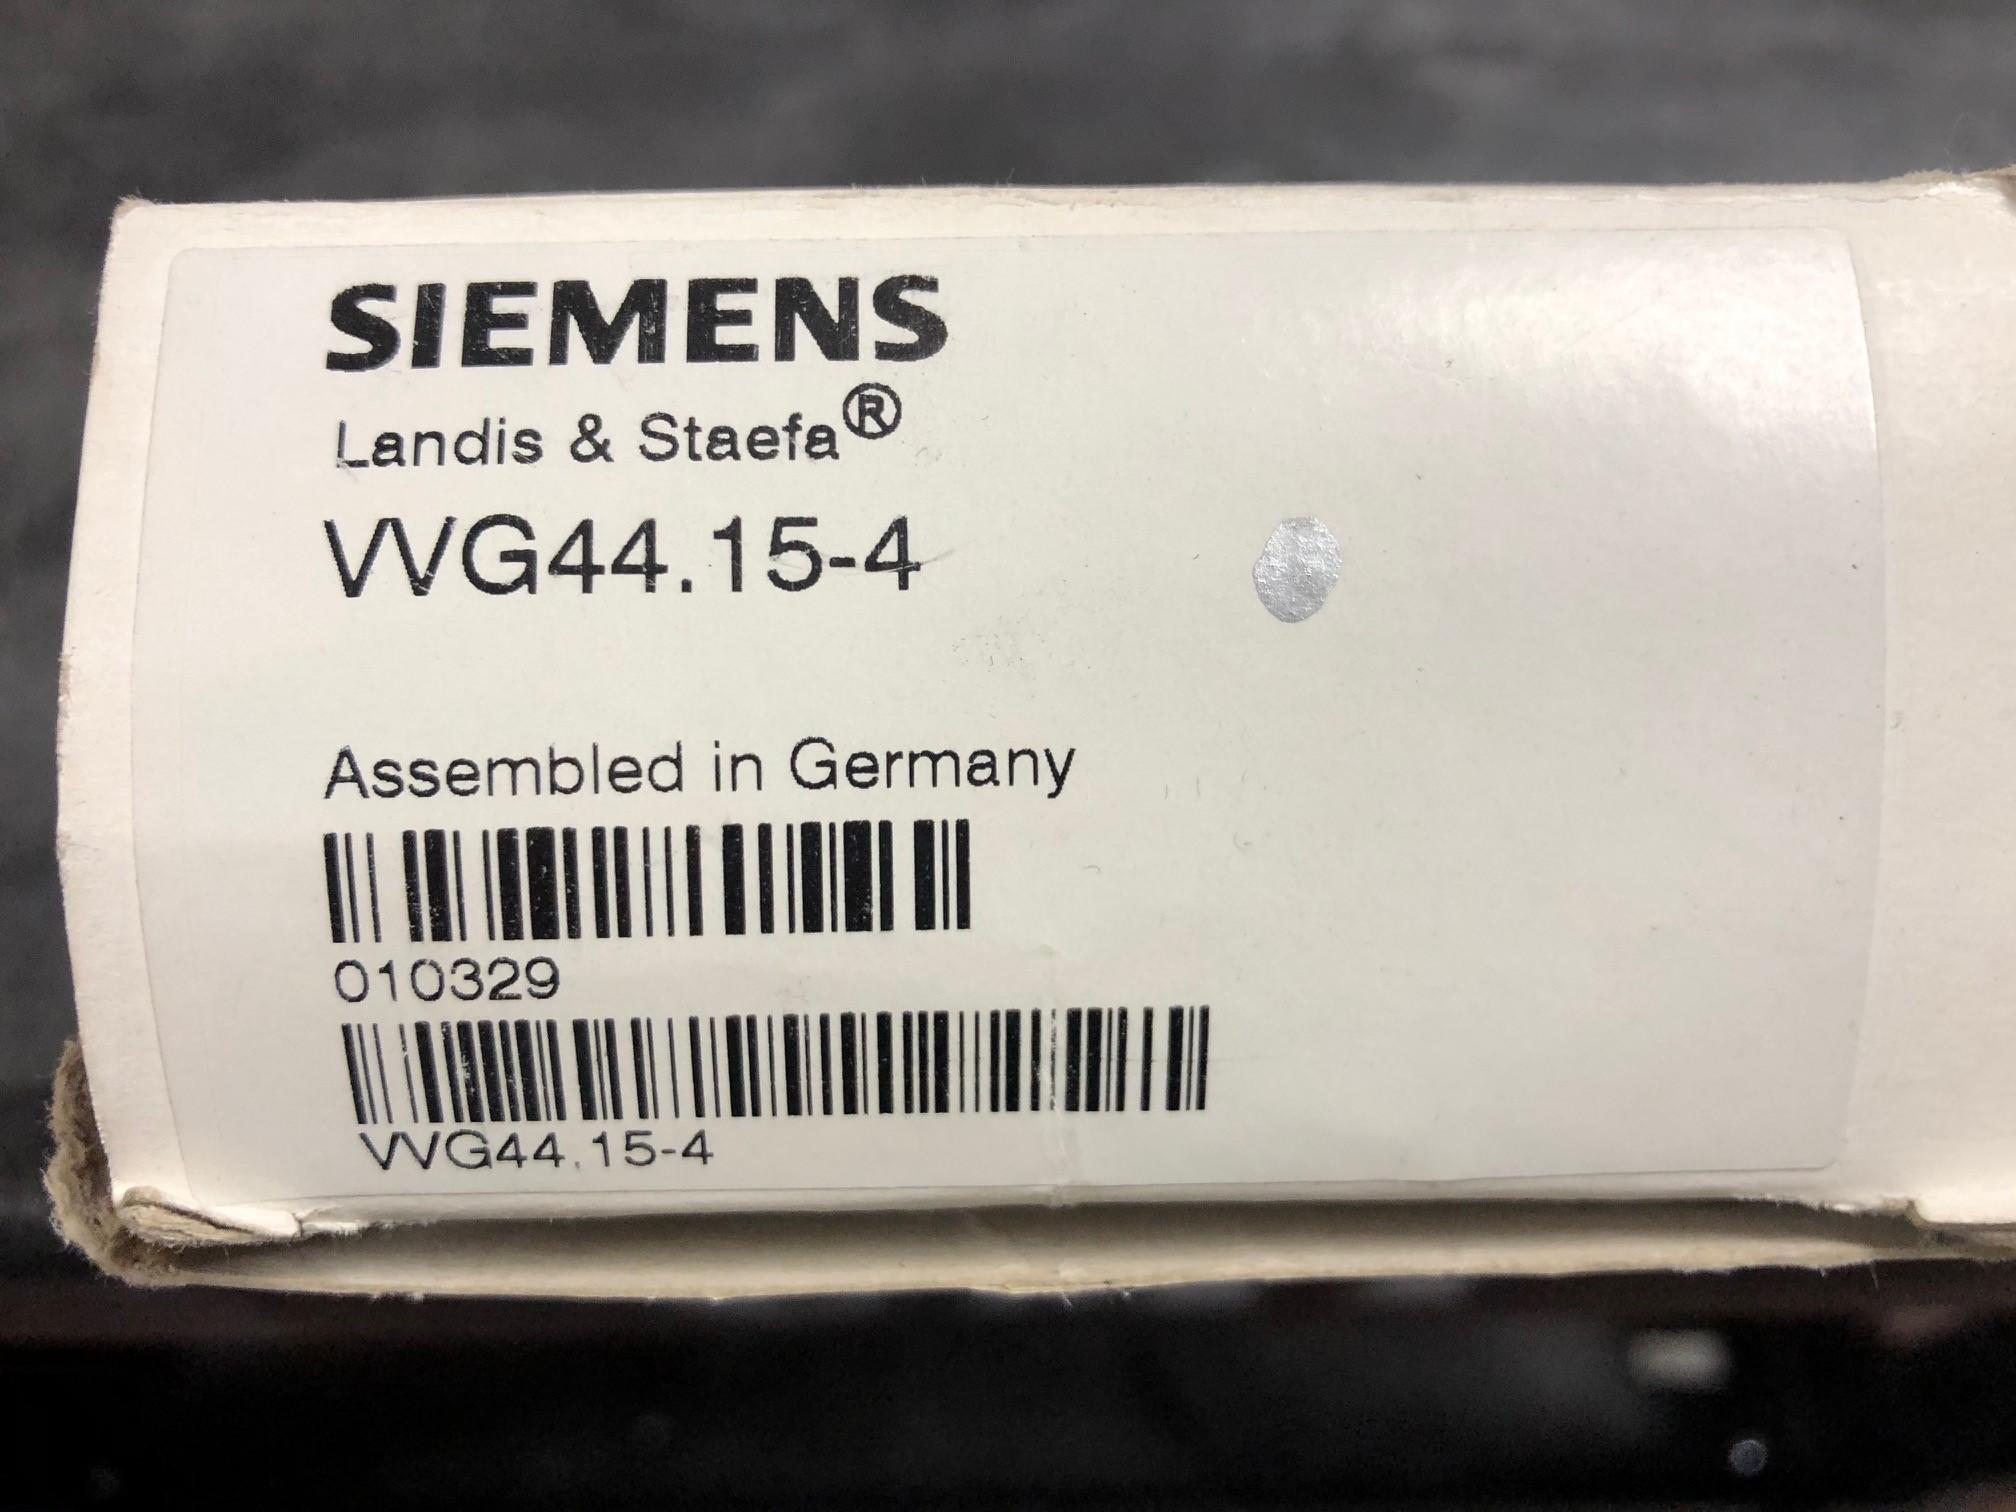 Siemens WG44.15-4